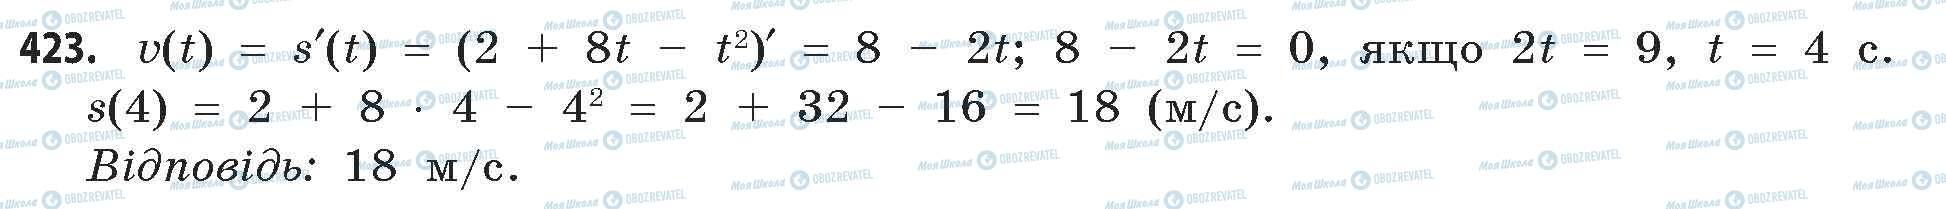 ГДЗ Математика 11 класс страница 423